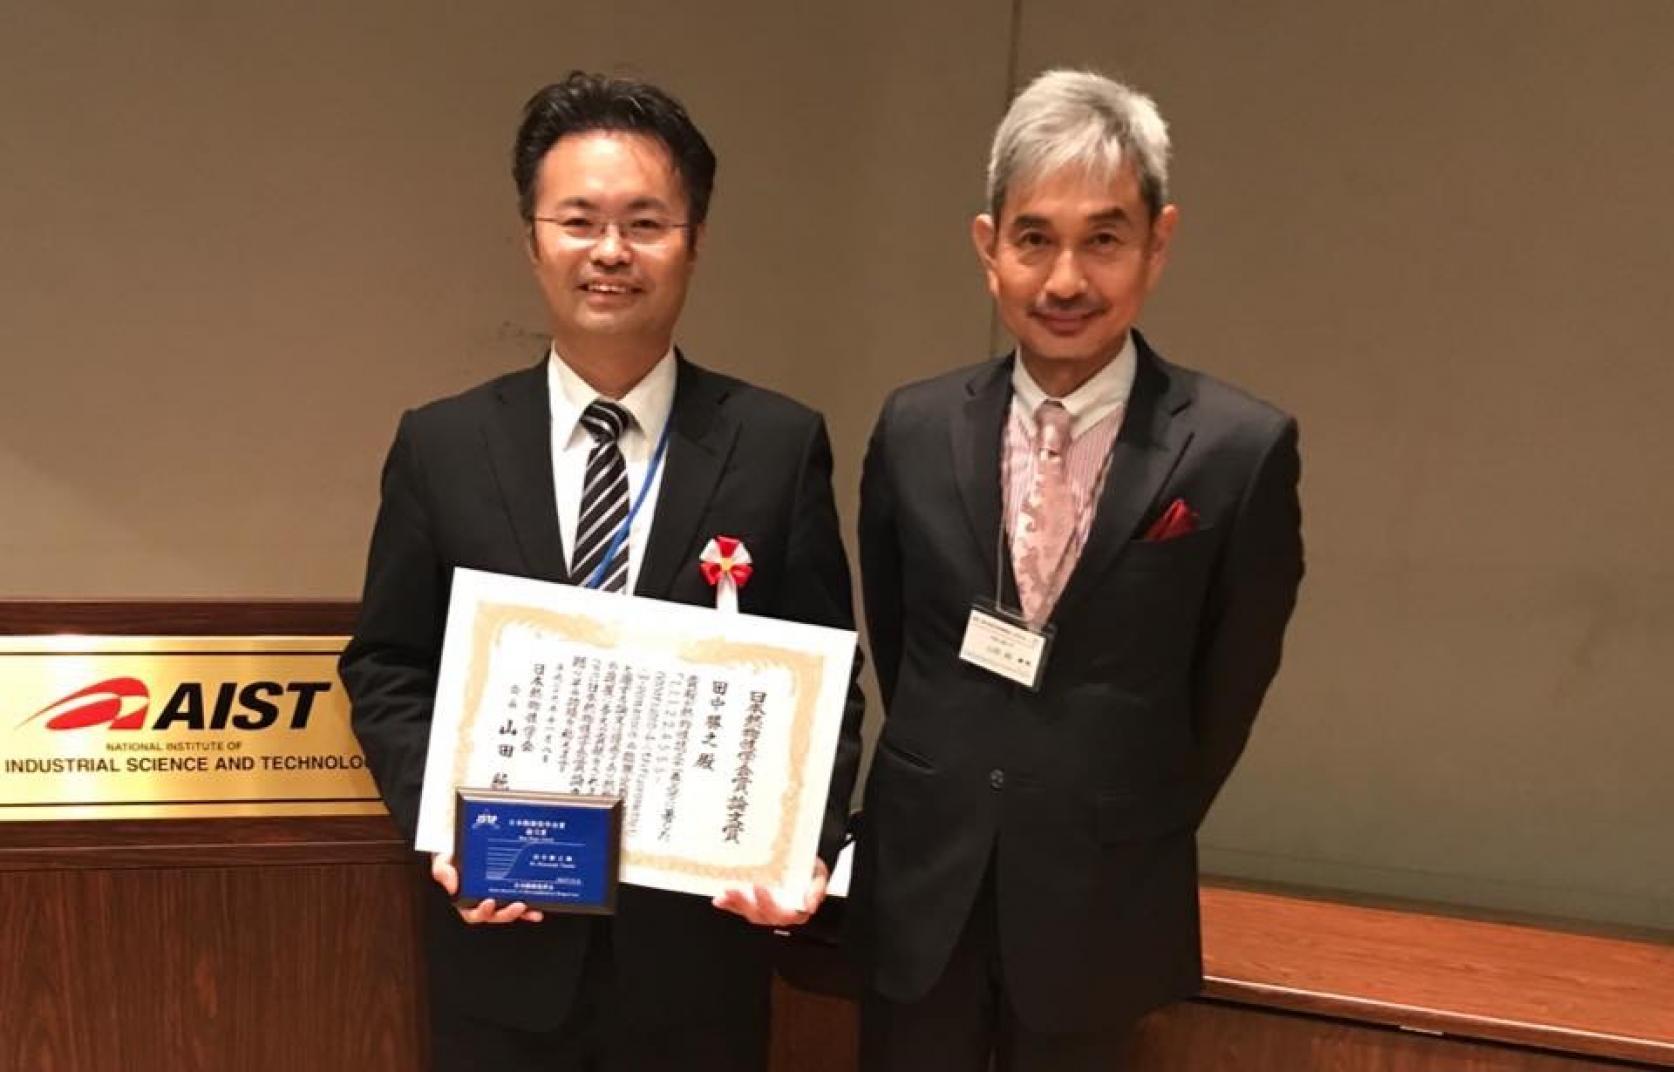 精密機械工学科の田中勝之准教授が「第38回熱物性シンポジウム」において熱物性学会賞論文賞を受賞しました。